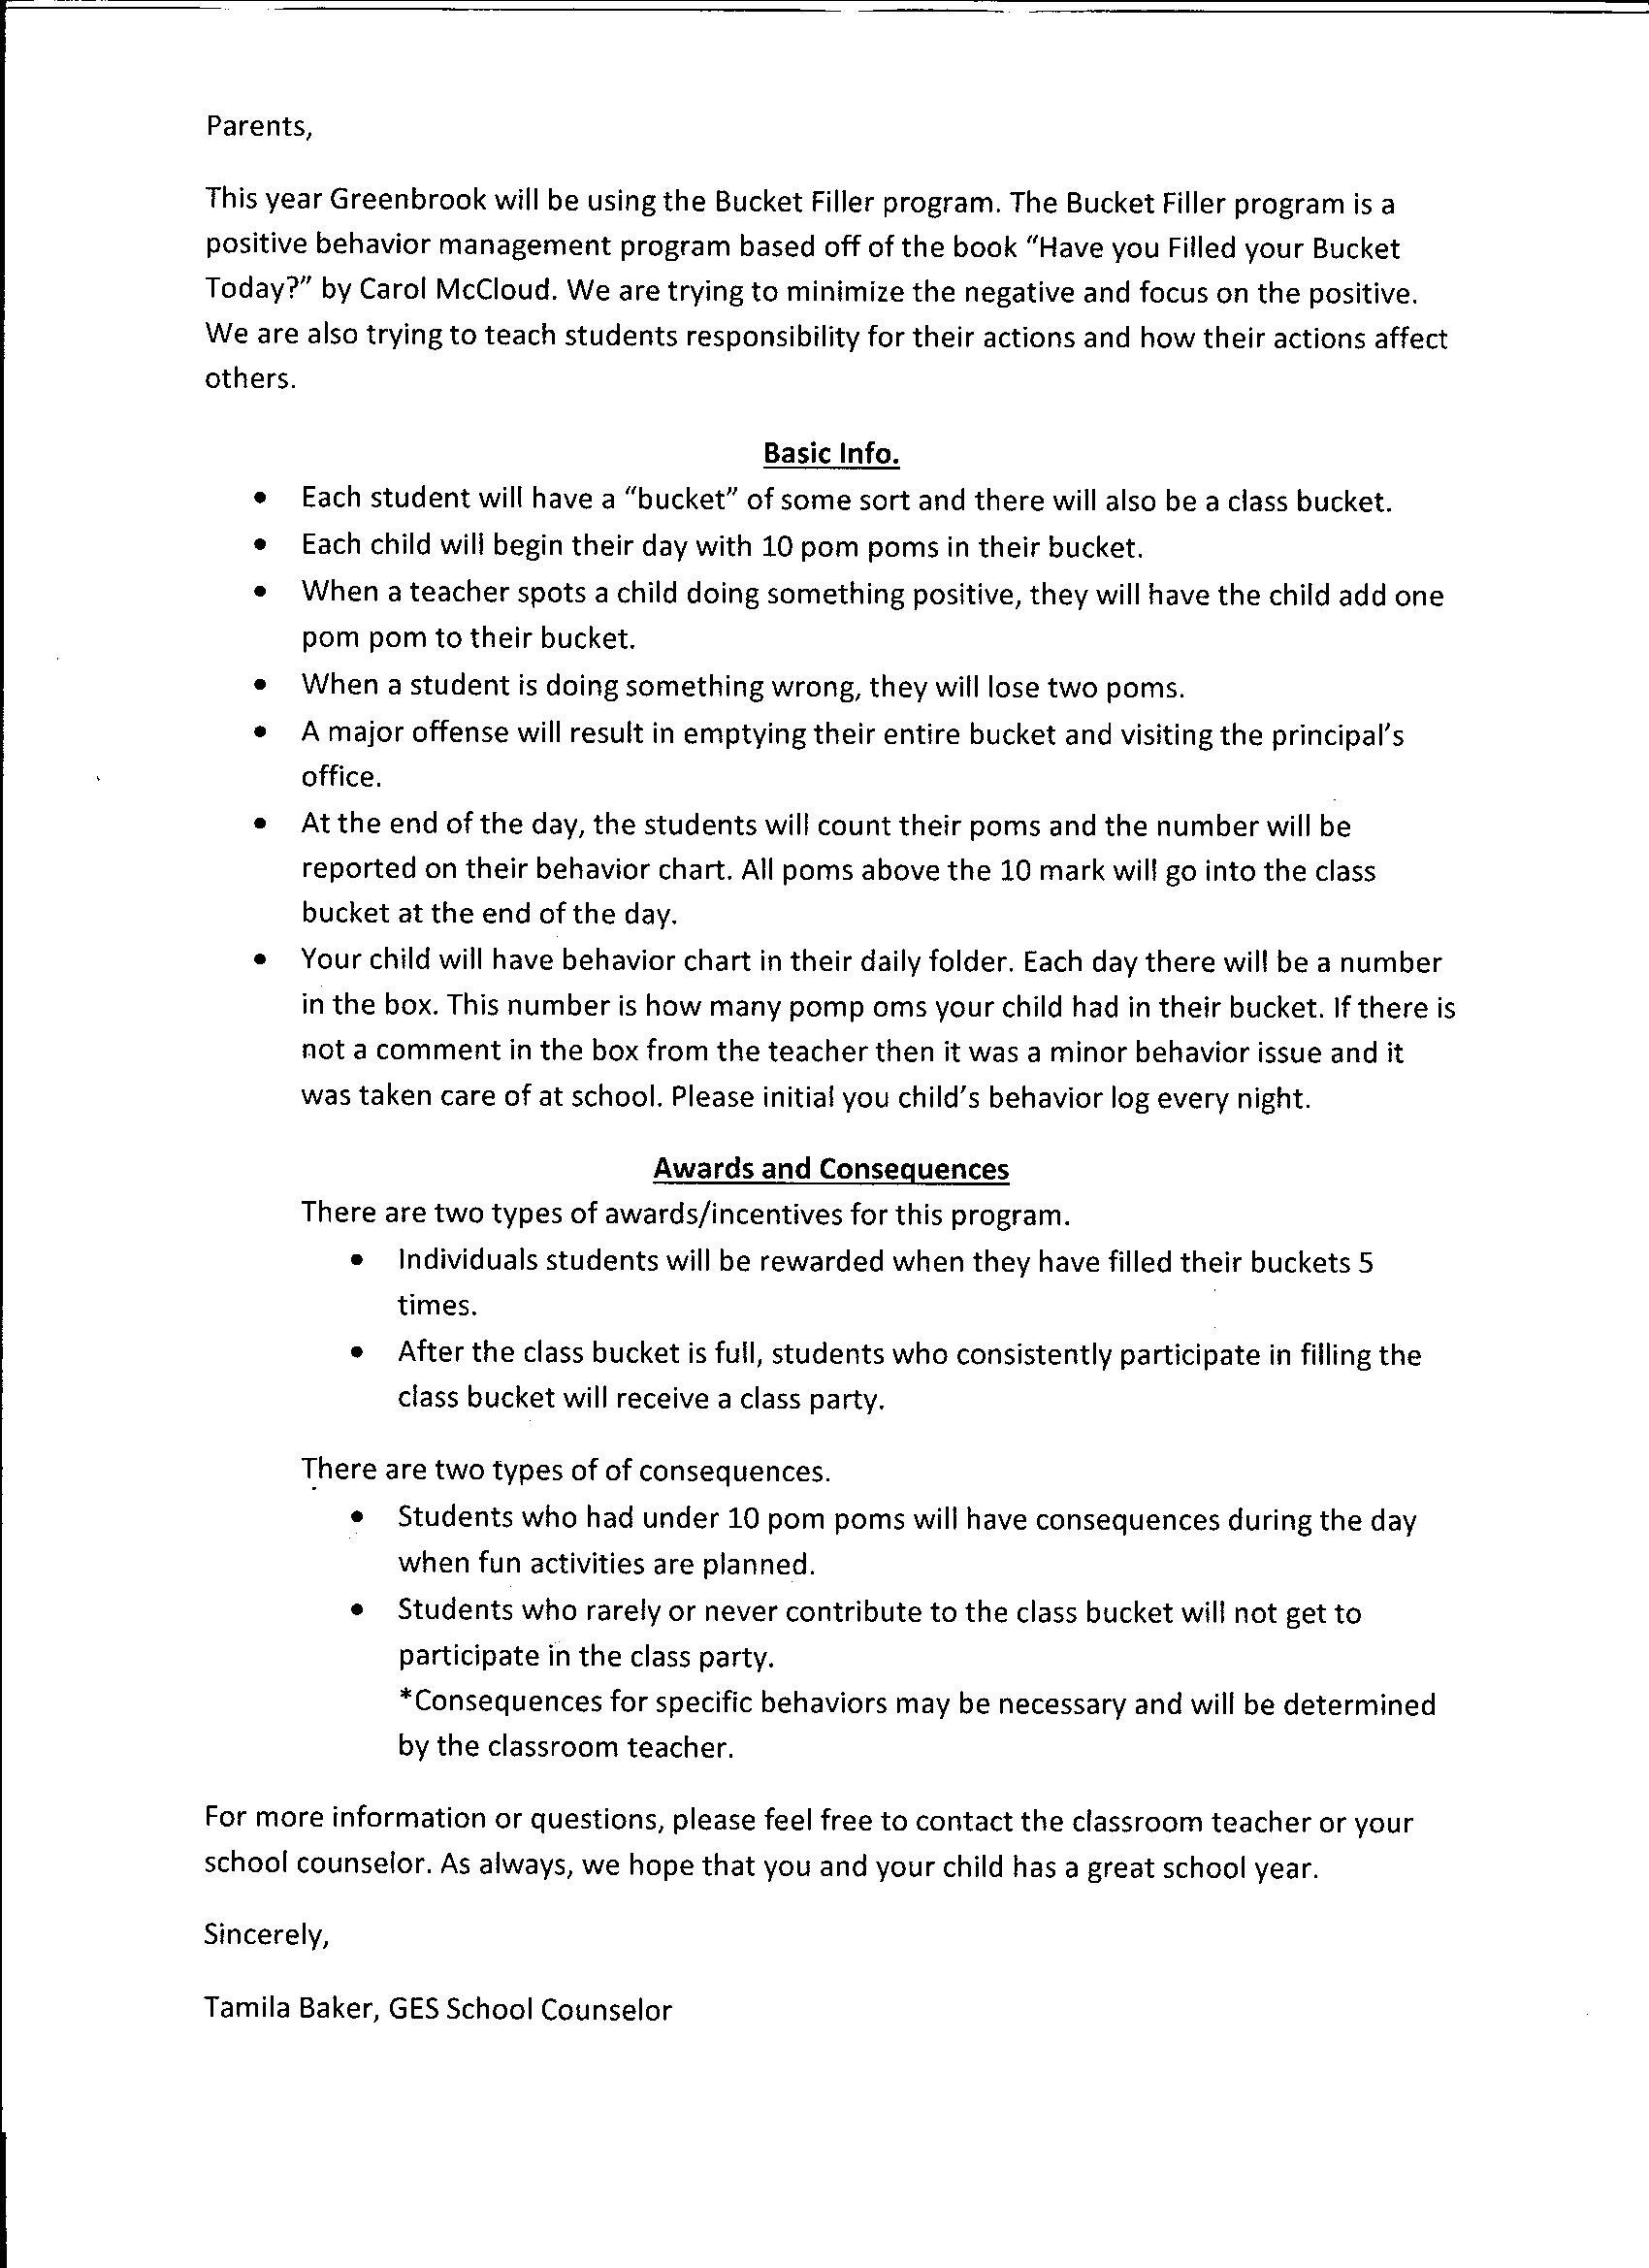 Greenbrook Elementary School Guidance